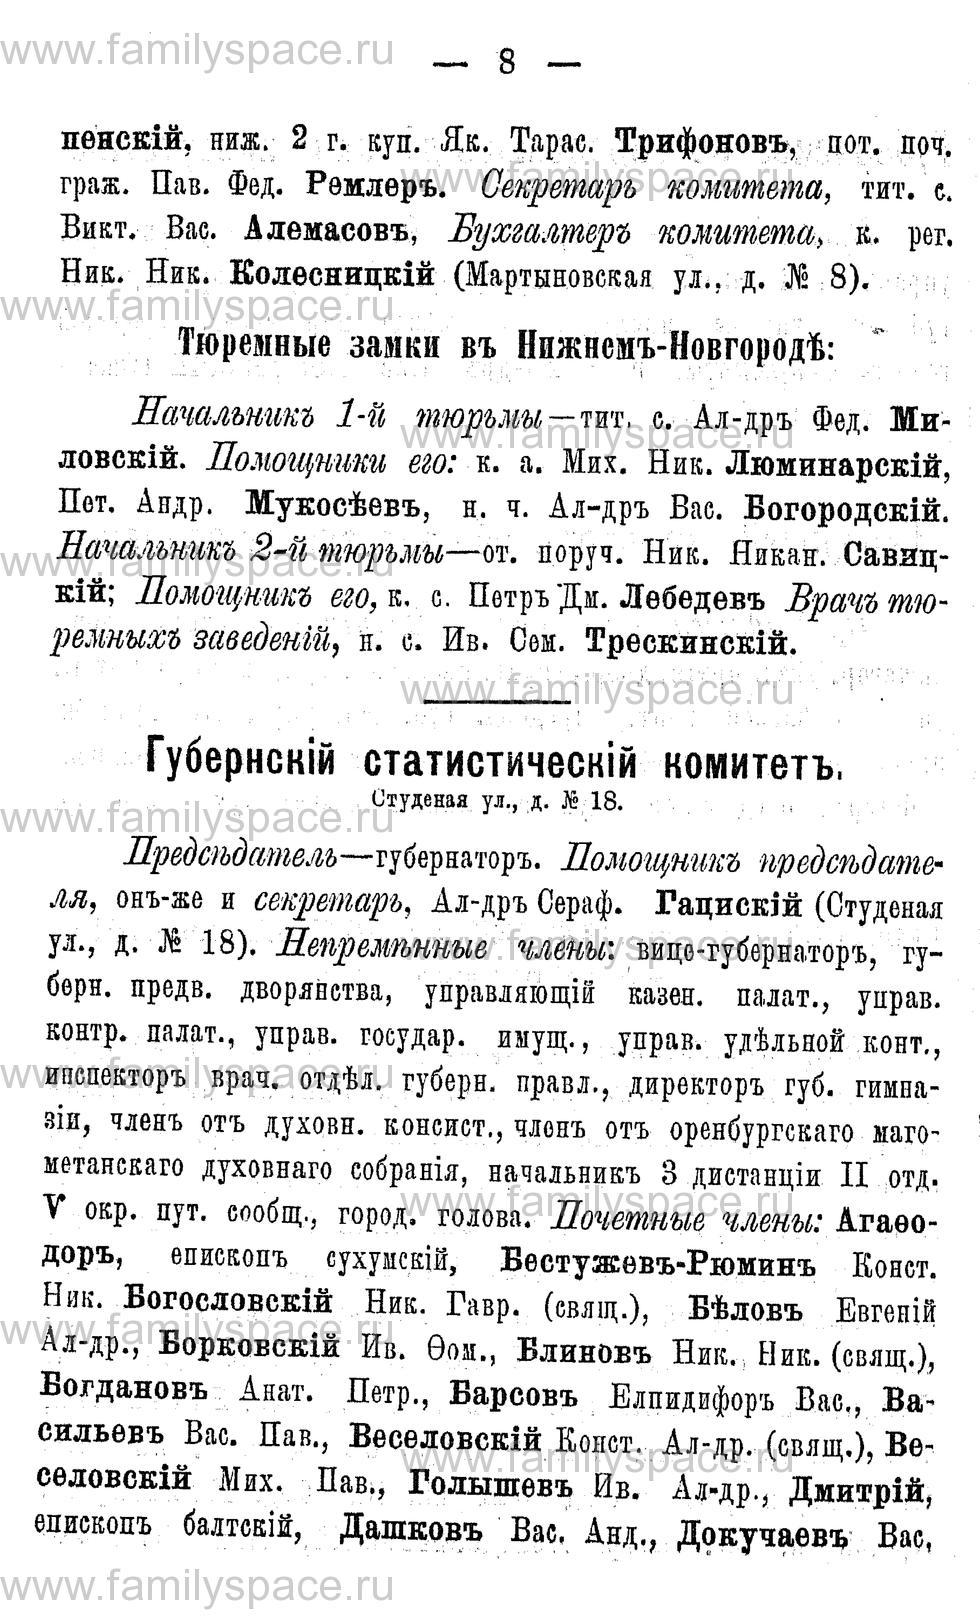 Поиск по фамилии - Адрес-календарь Нижегородской губернии на 1891 год, страница 8